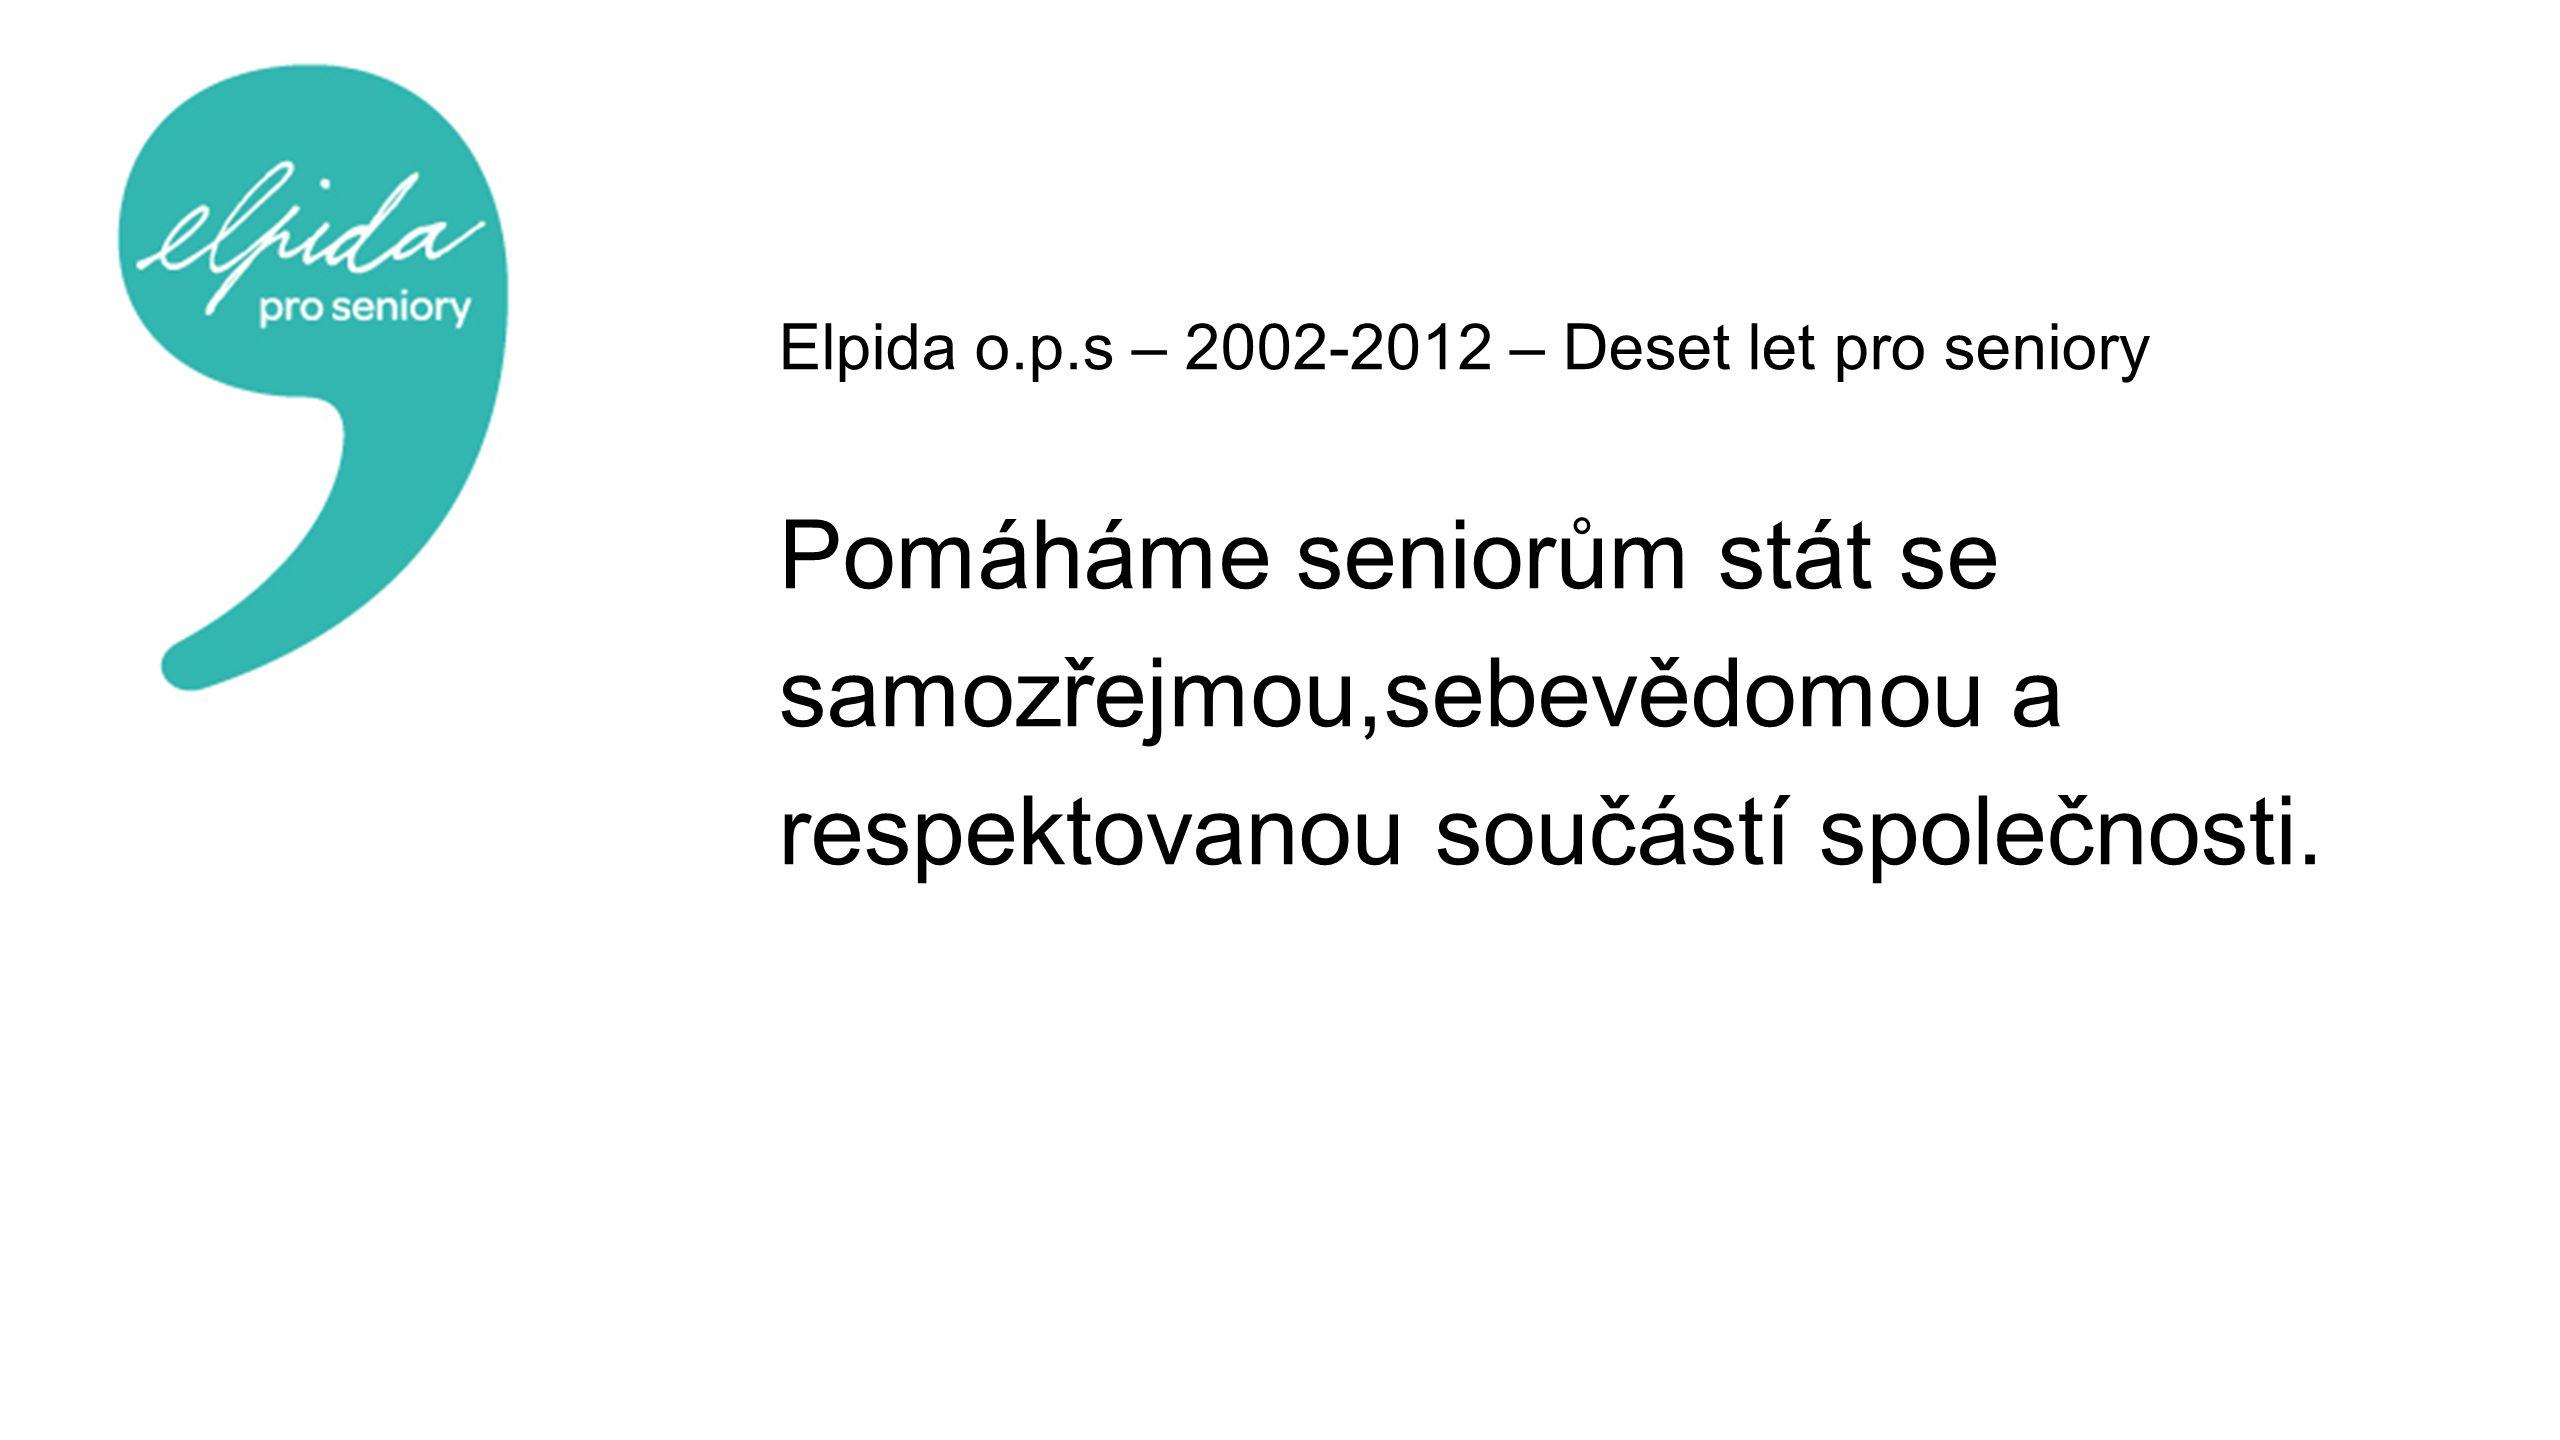 Elpida o.p.s – 2002-2012 – Deset let pro seniory Pomáháme seniorům stát se samozřejmou,sebevědomou a respektovanou součástí společnosti.